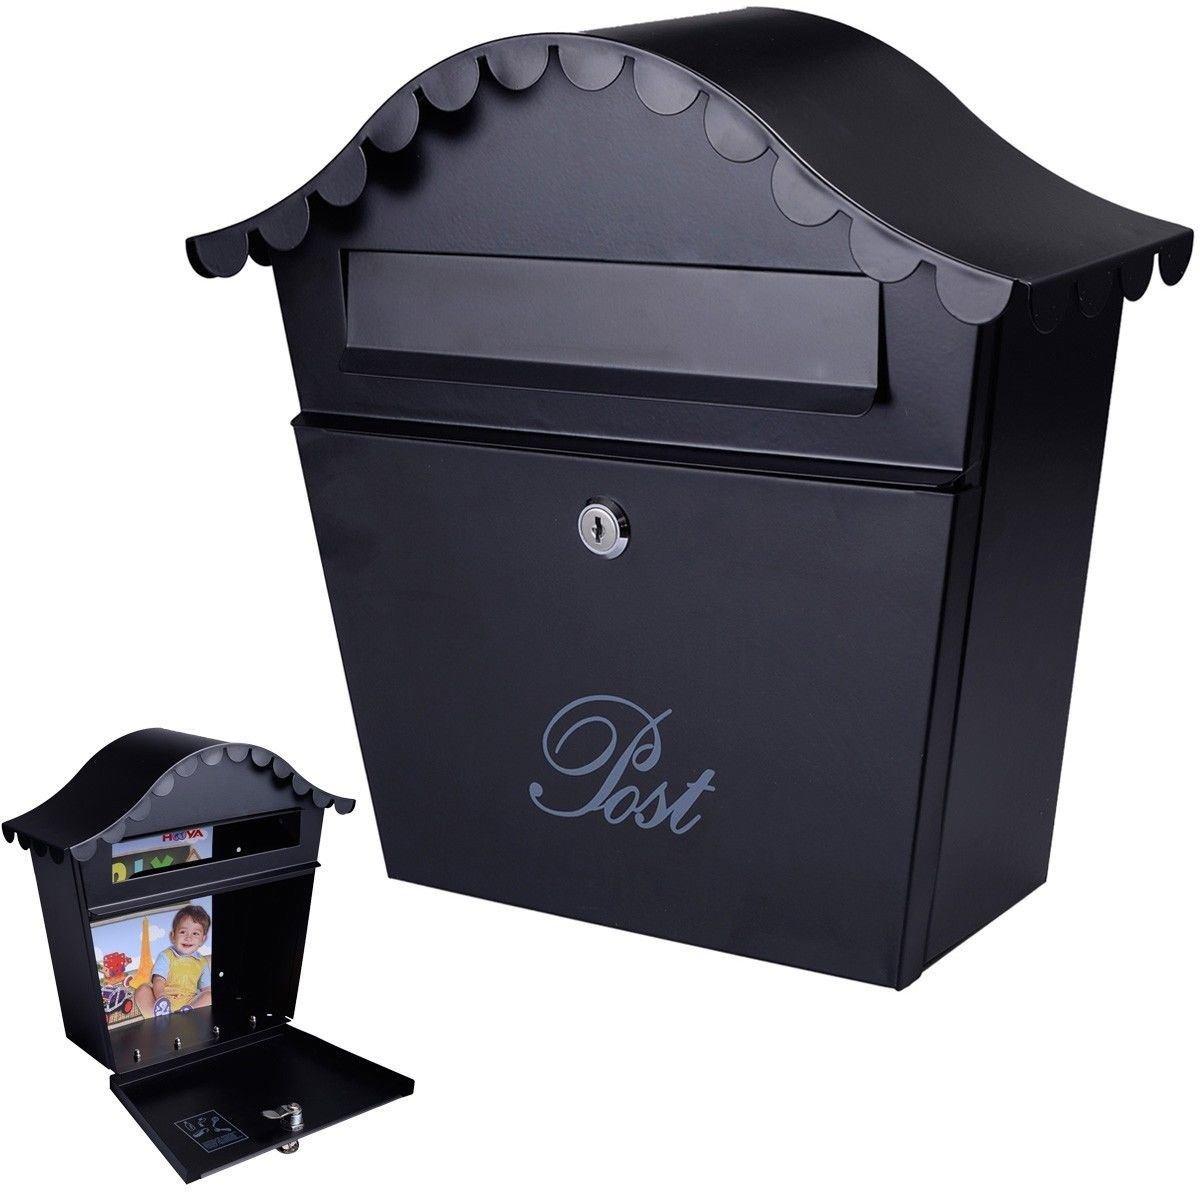 Wall Mount Black Mail Box w/ Retrieval Door & 2 Keys Steel Mailbox New